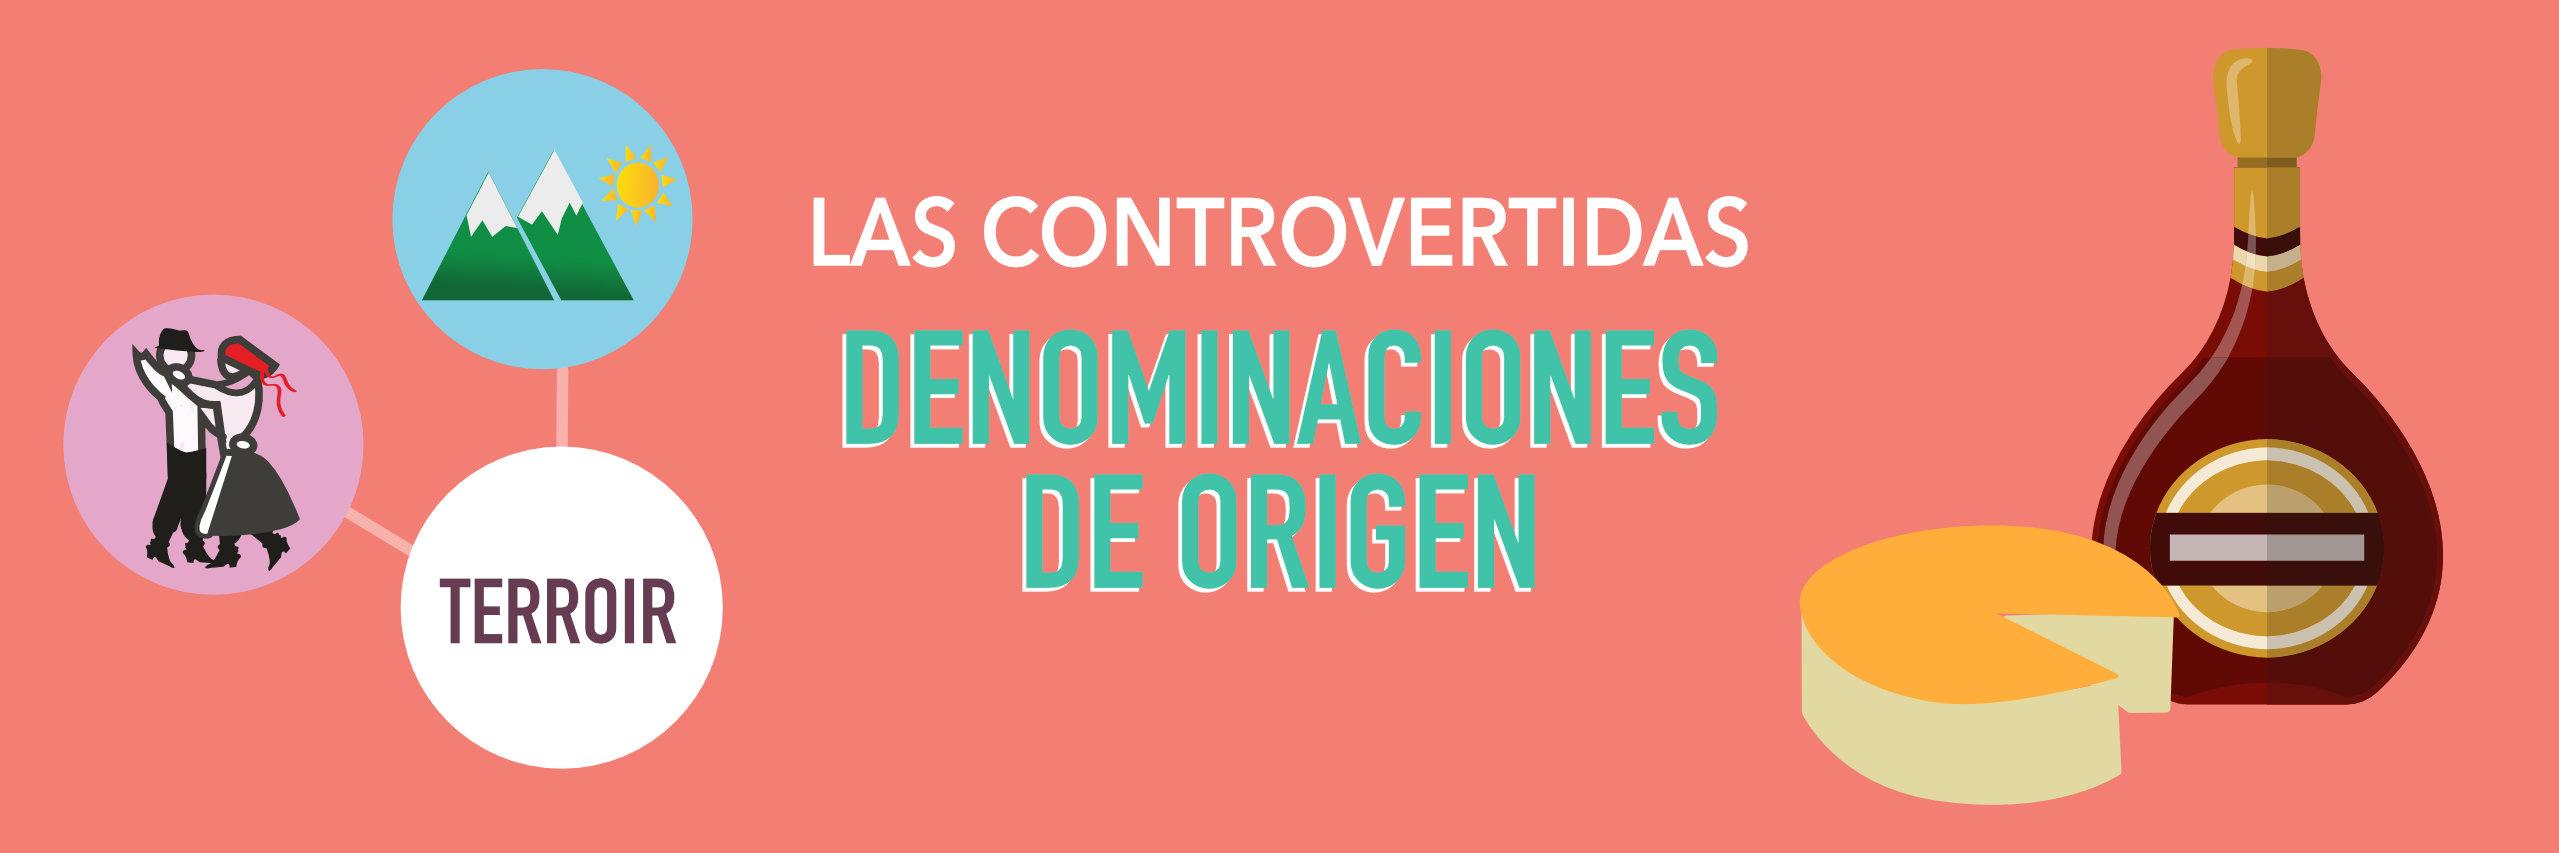 Portada blog Denominaciones de Origen